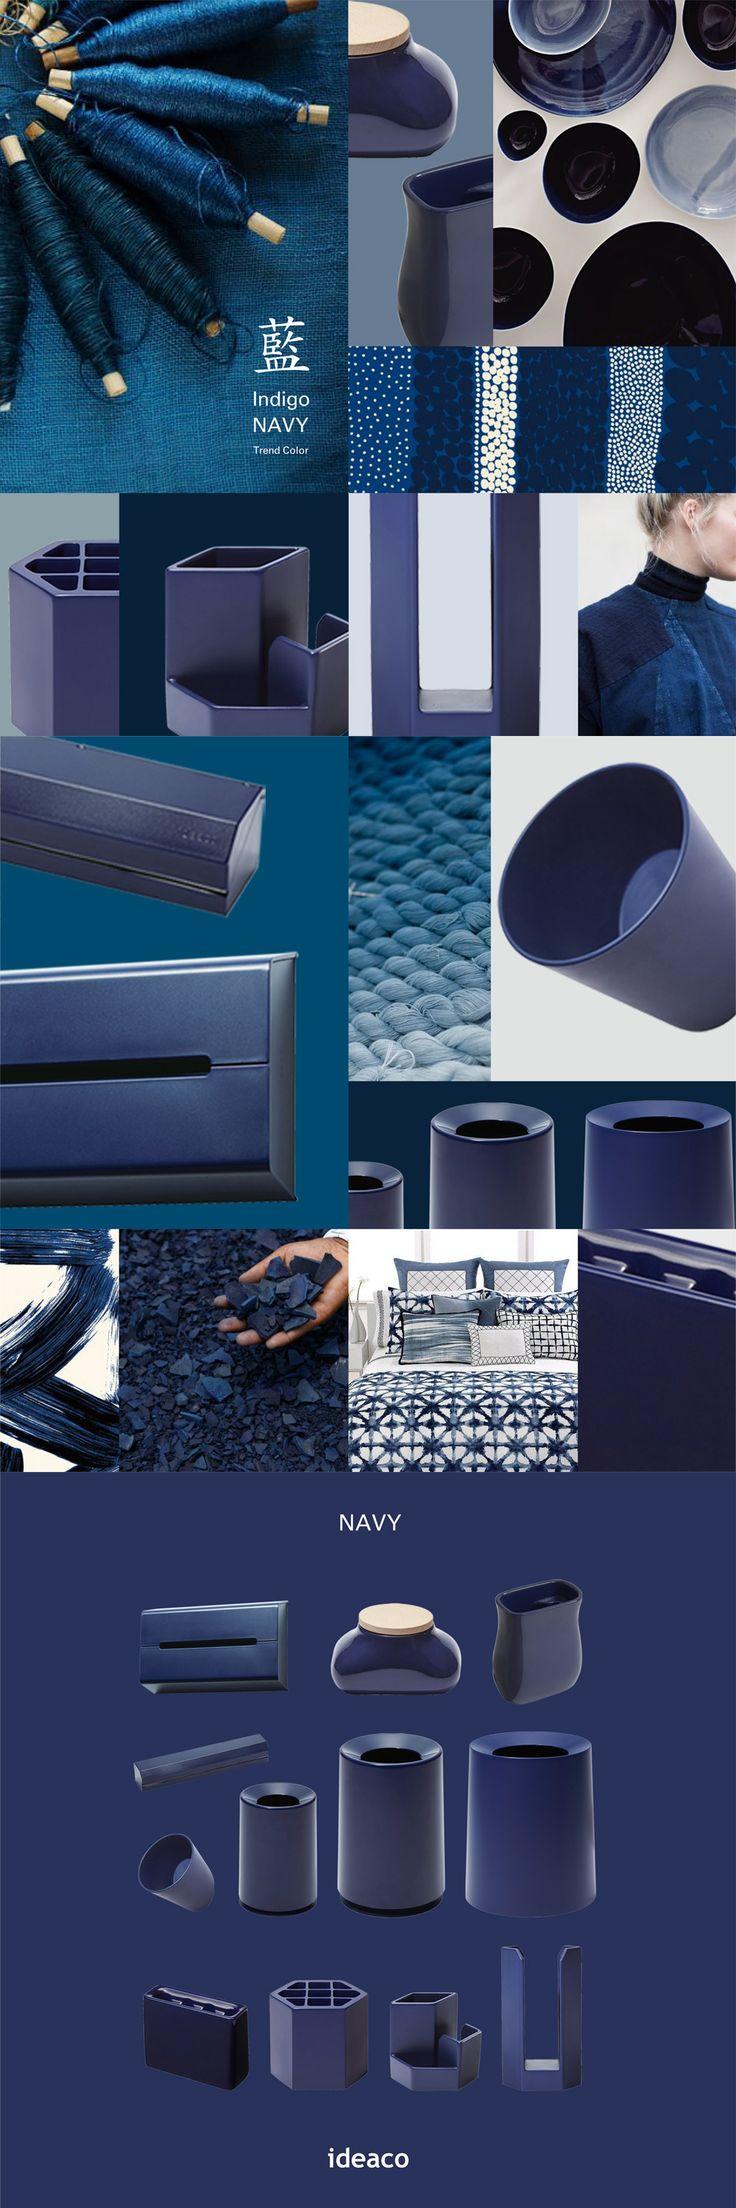 藍  indigo navy / trend color ideaco